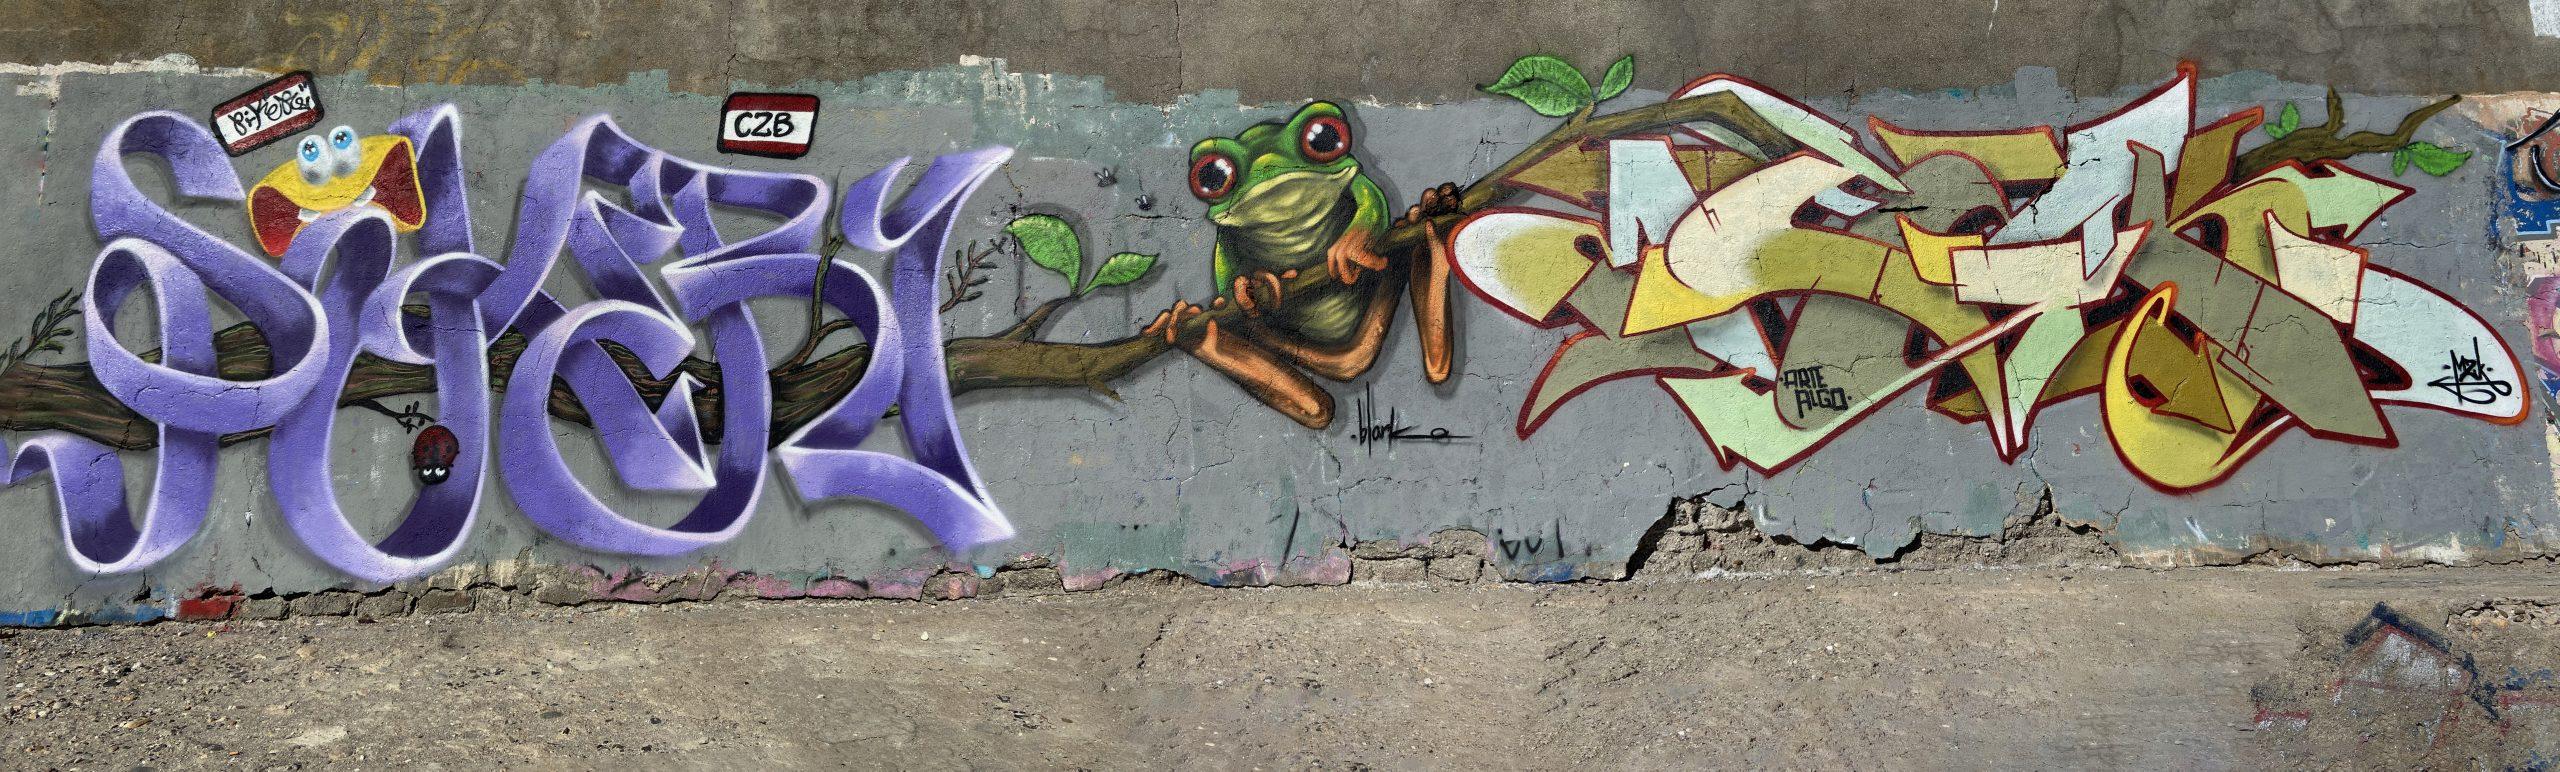 graffiti piker - blanko - mezkla